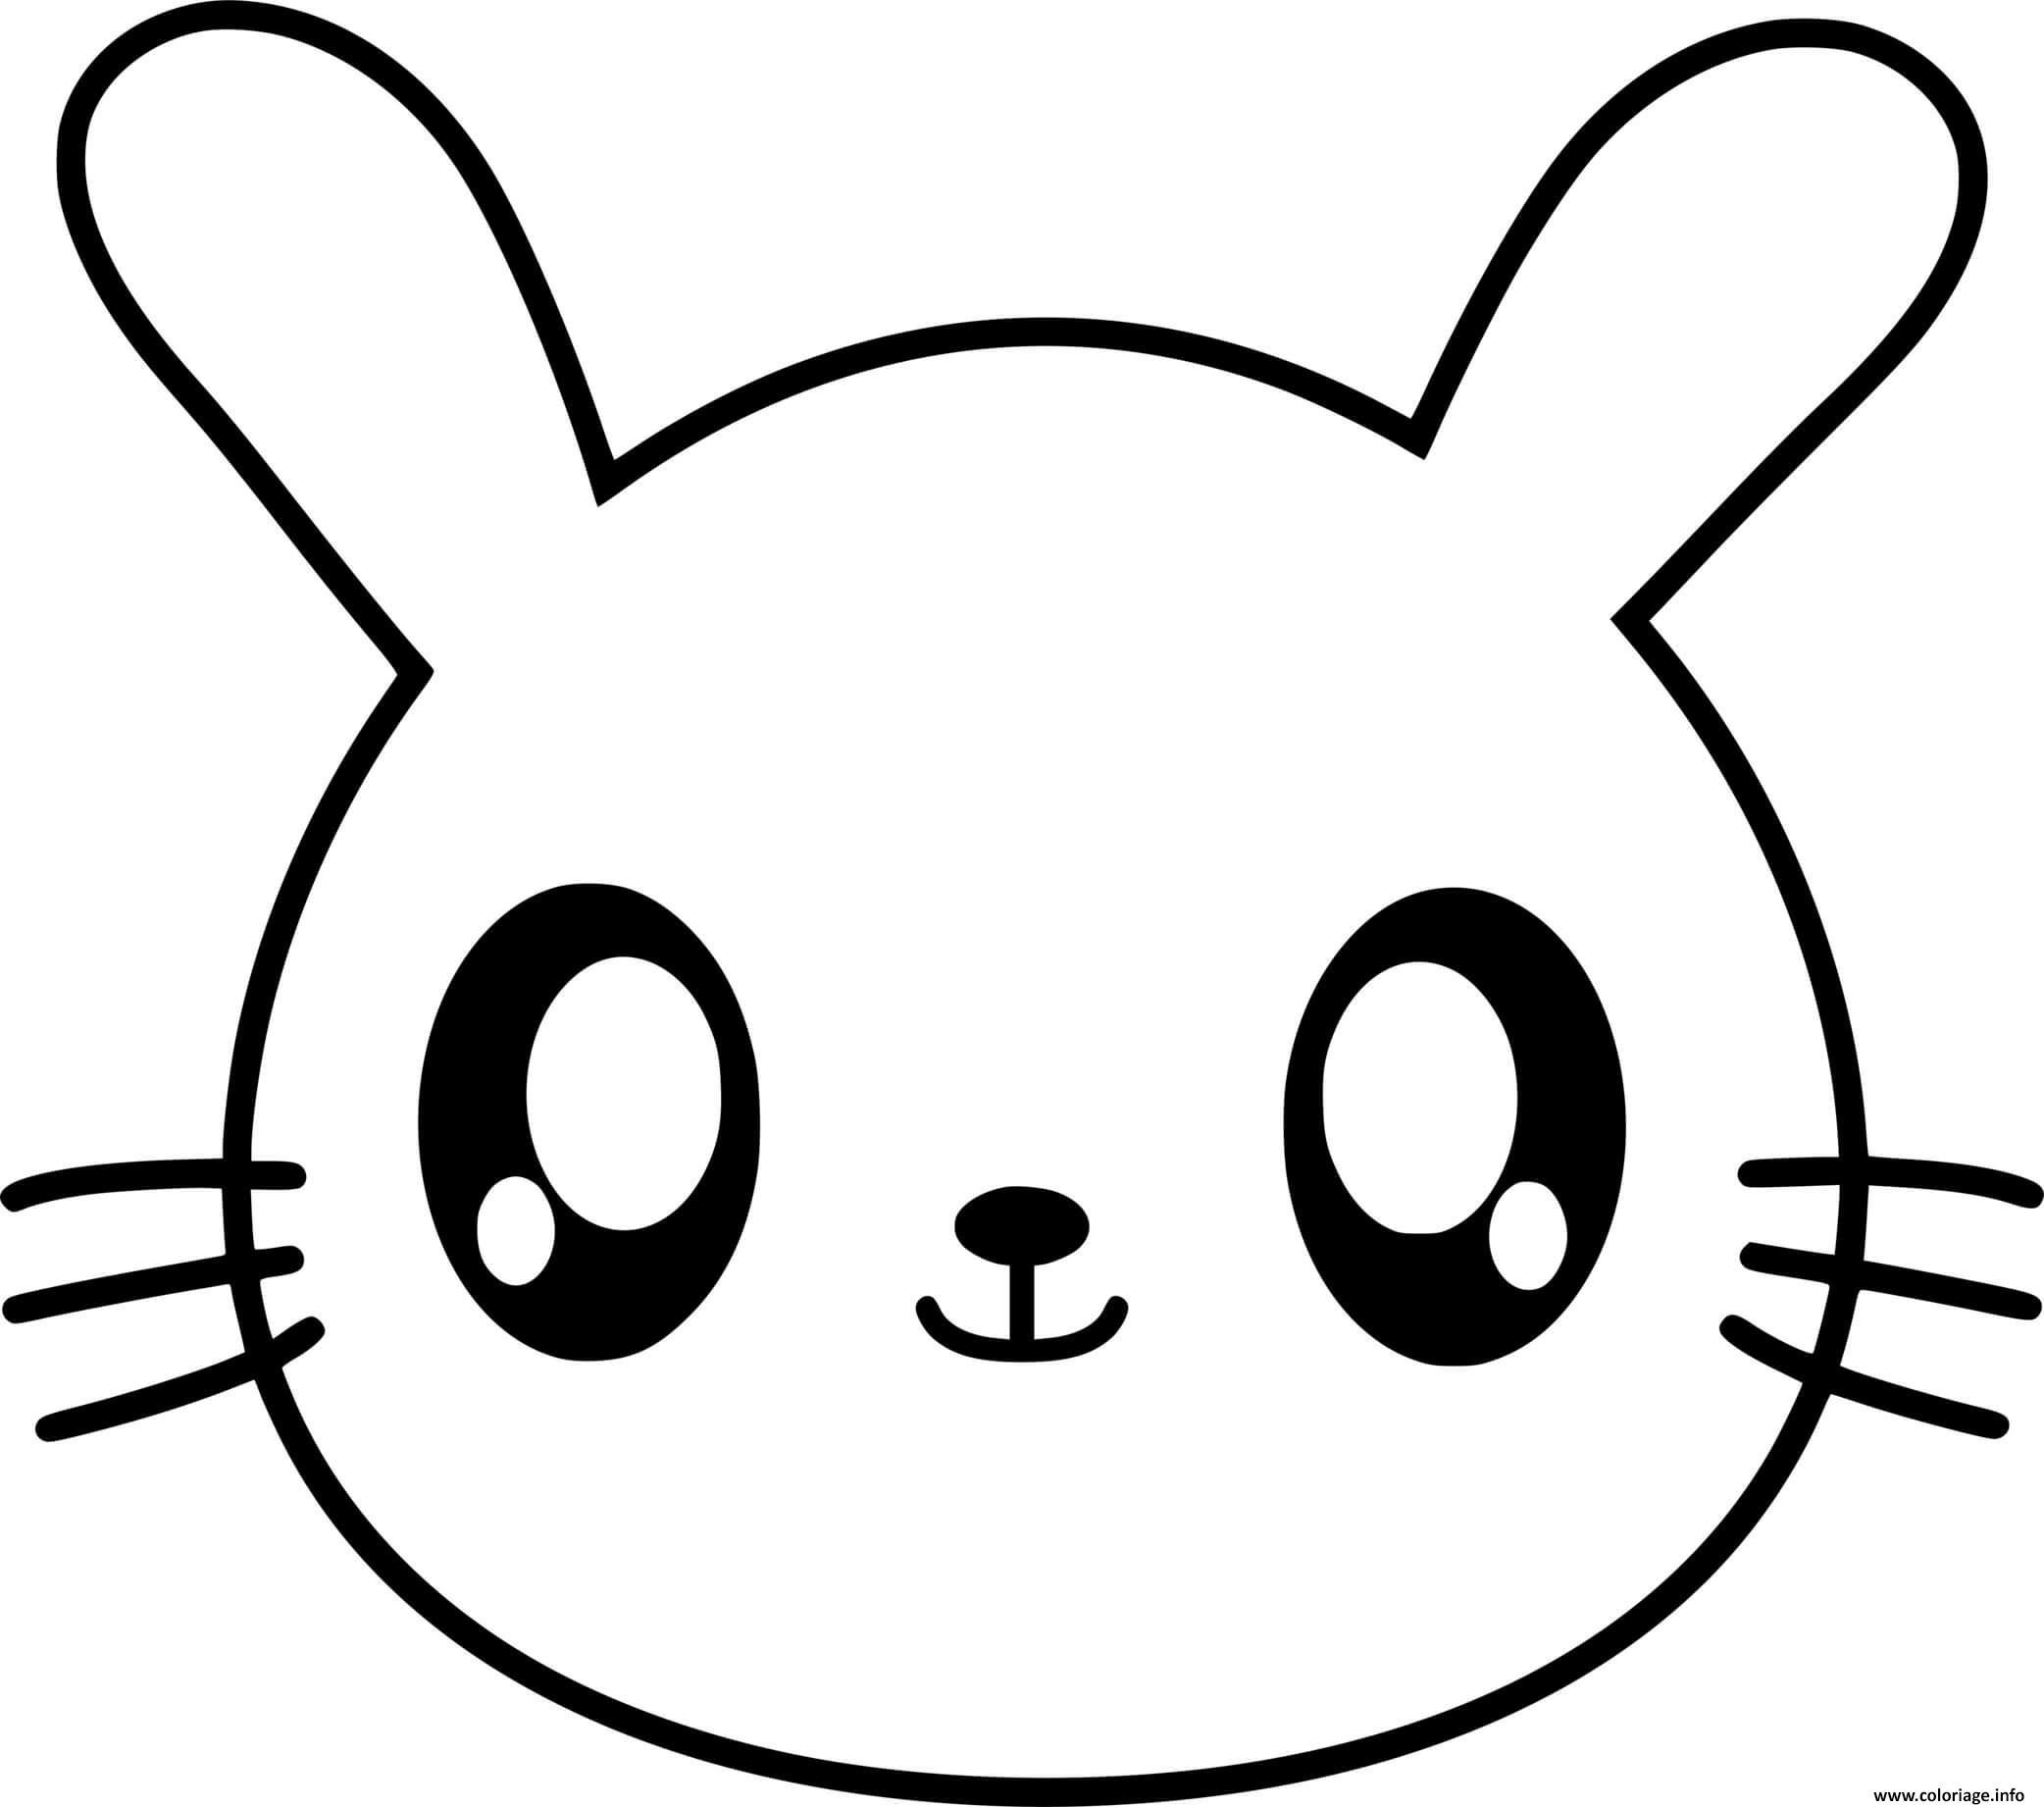 Dessin lapin kawaii avec de gros yeux Coloriage Gratuit à Imprimer